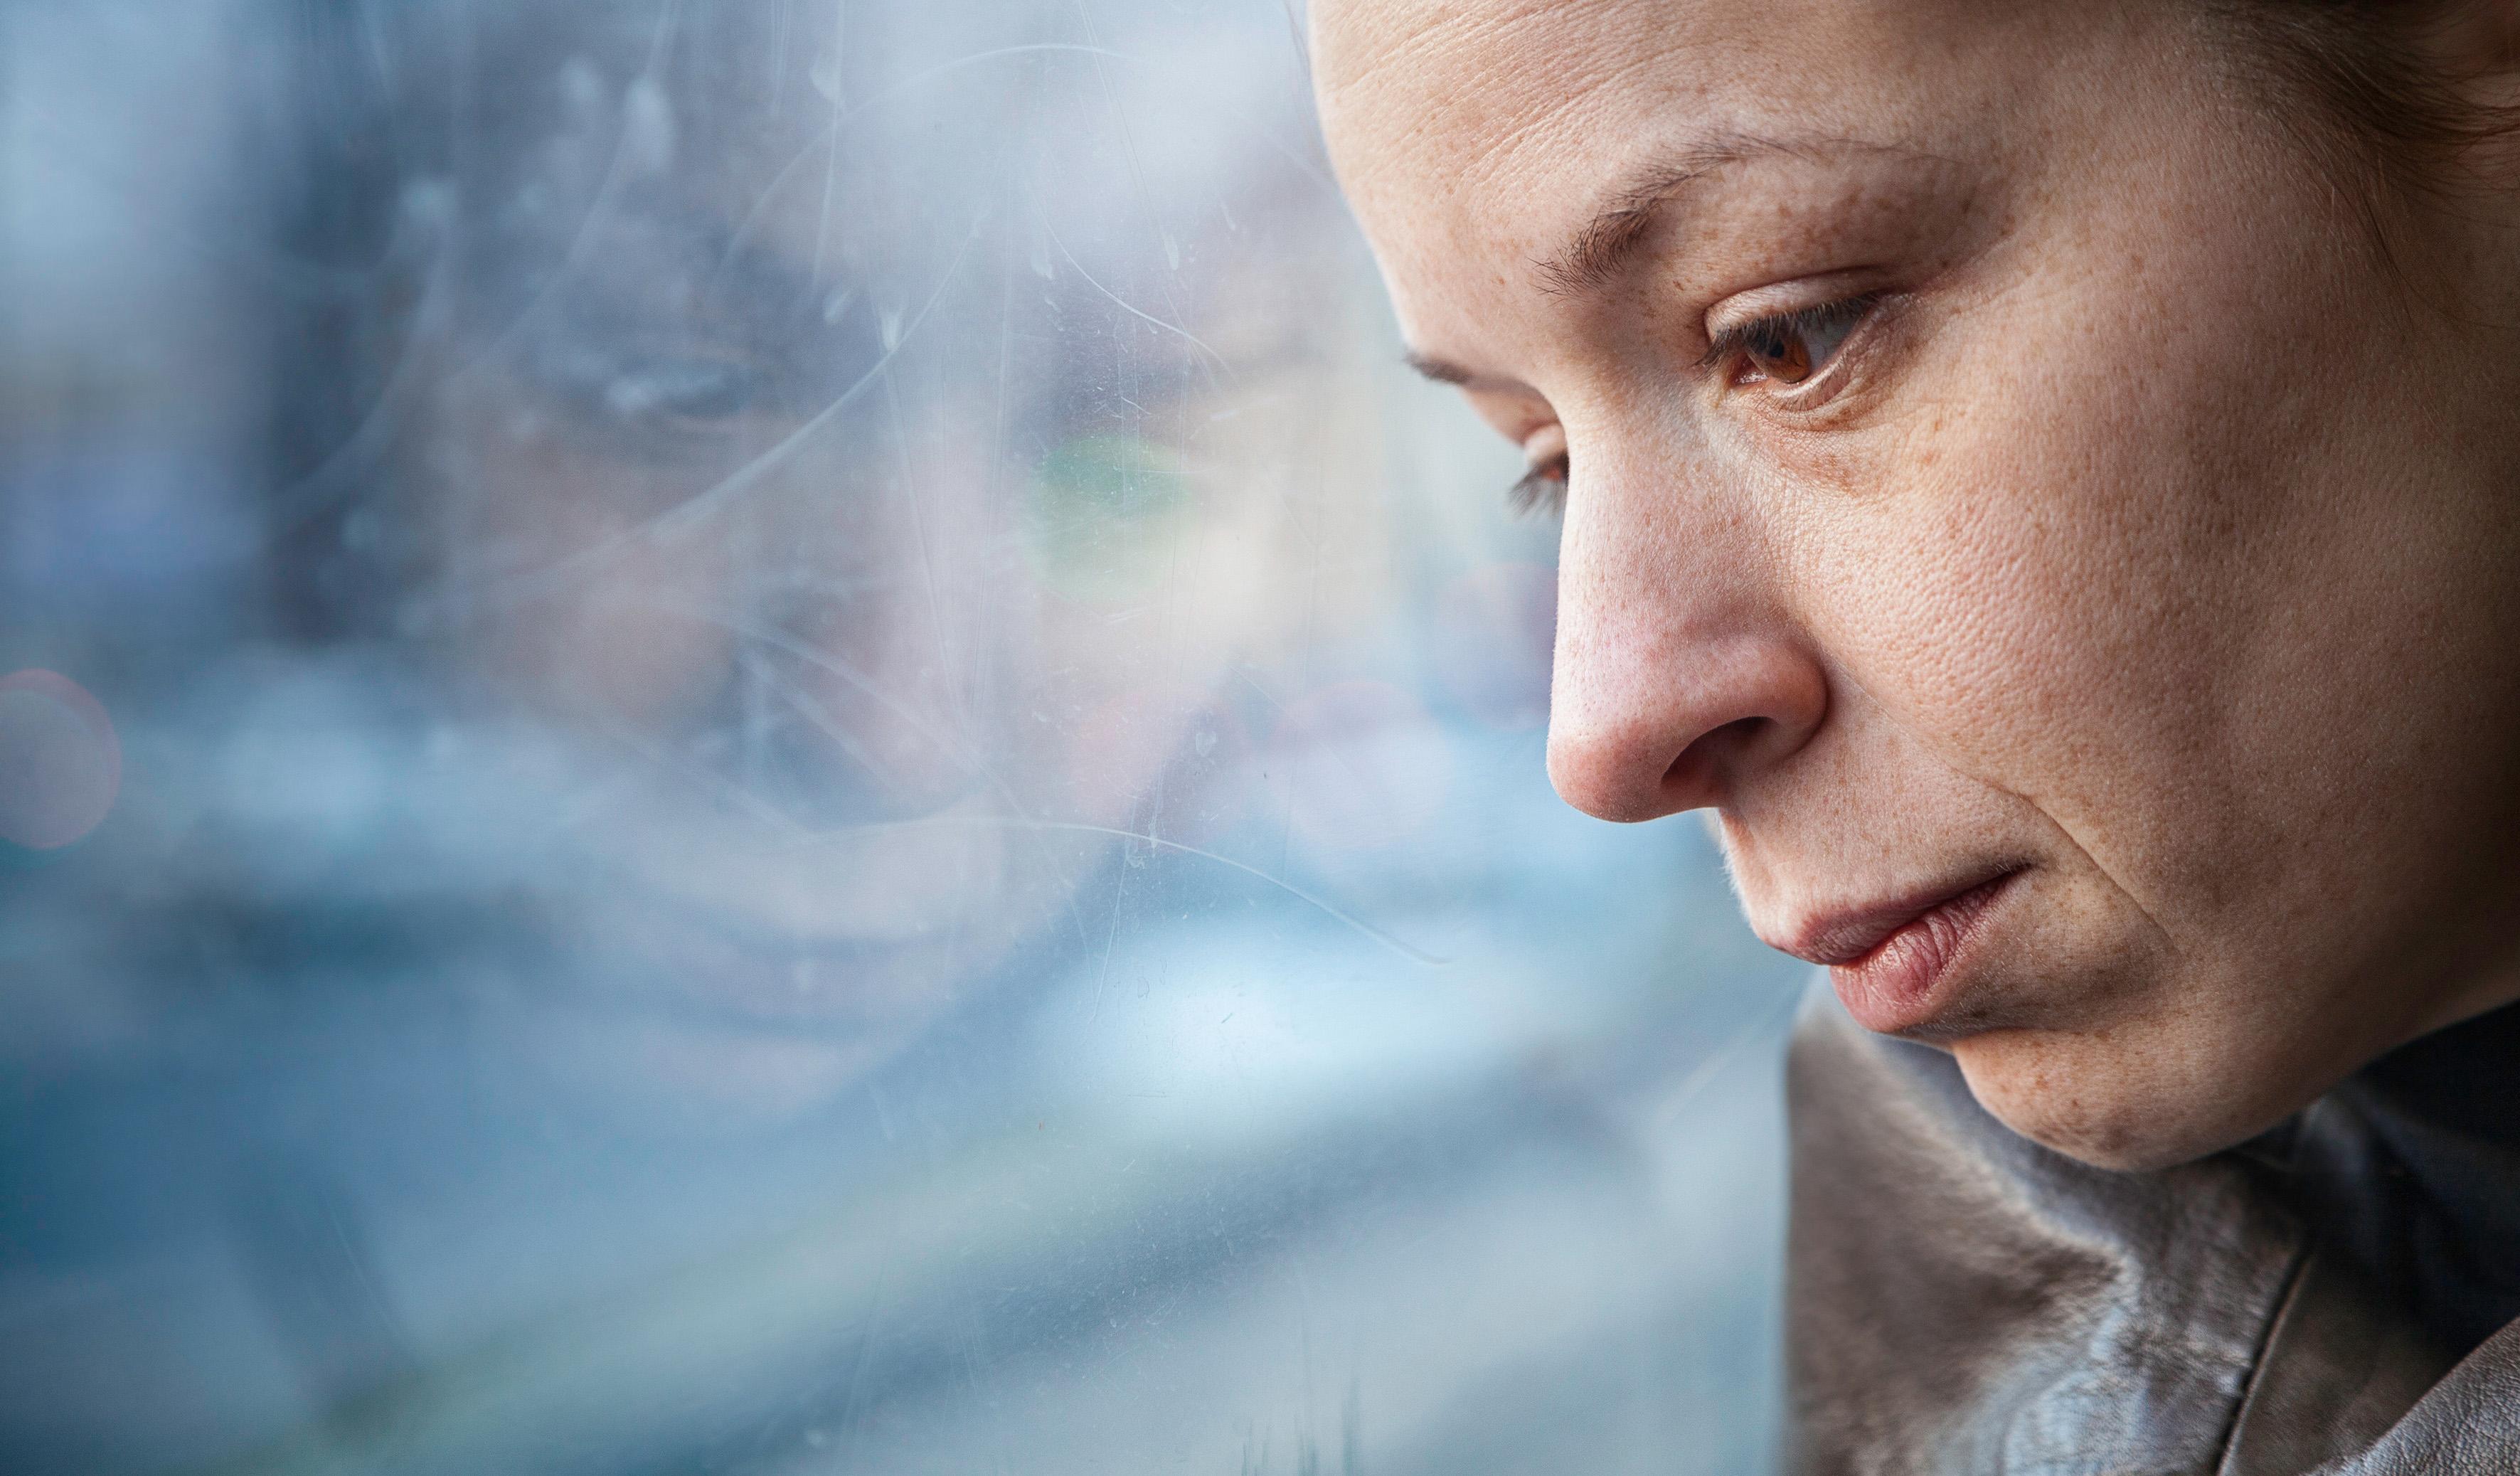 Nachdenkliche Frau aus dem Fenster schauend